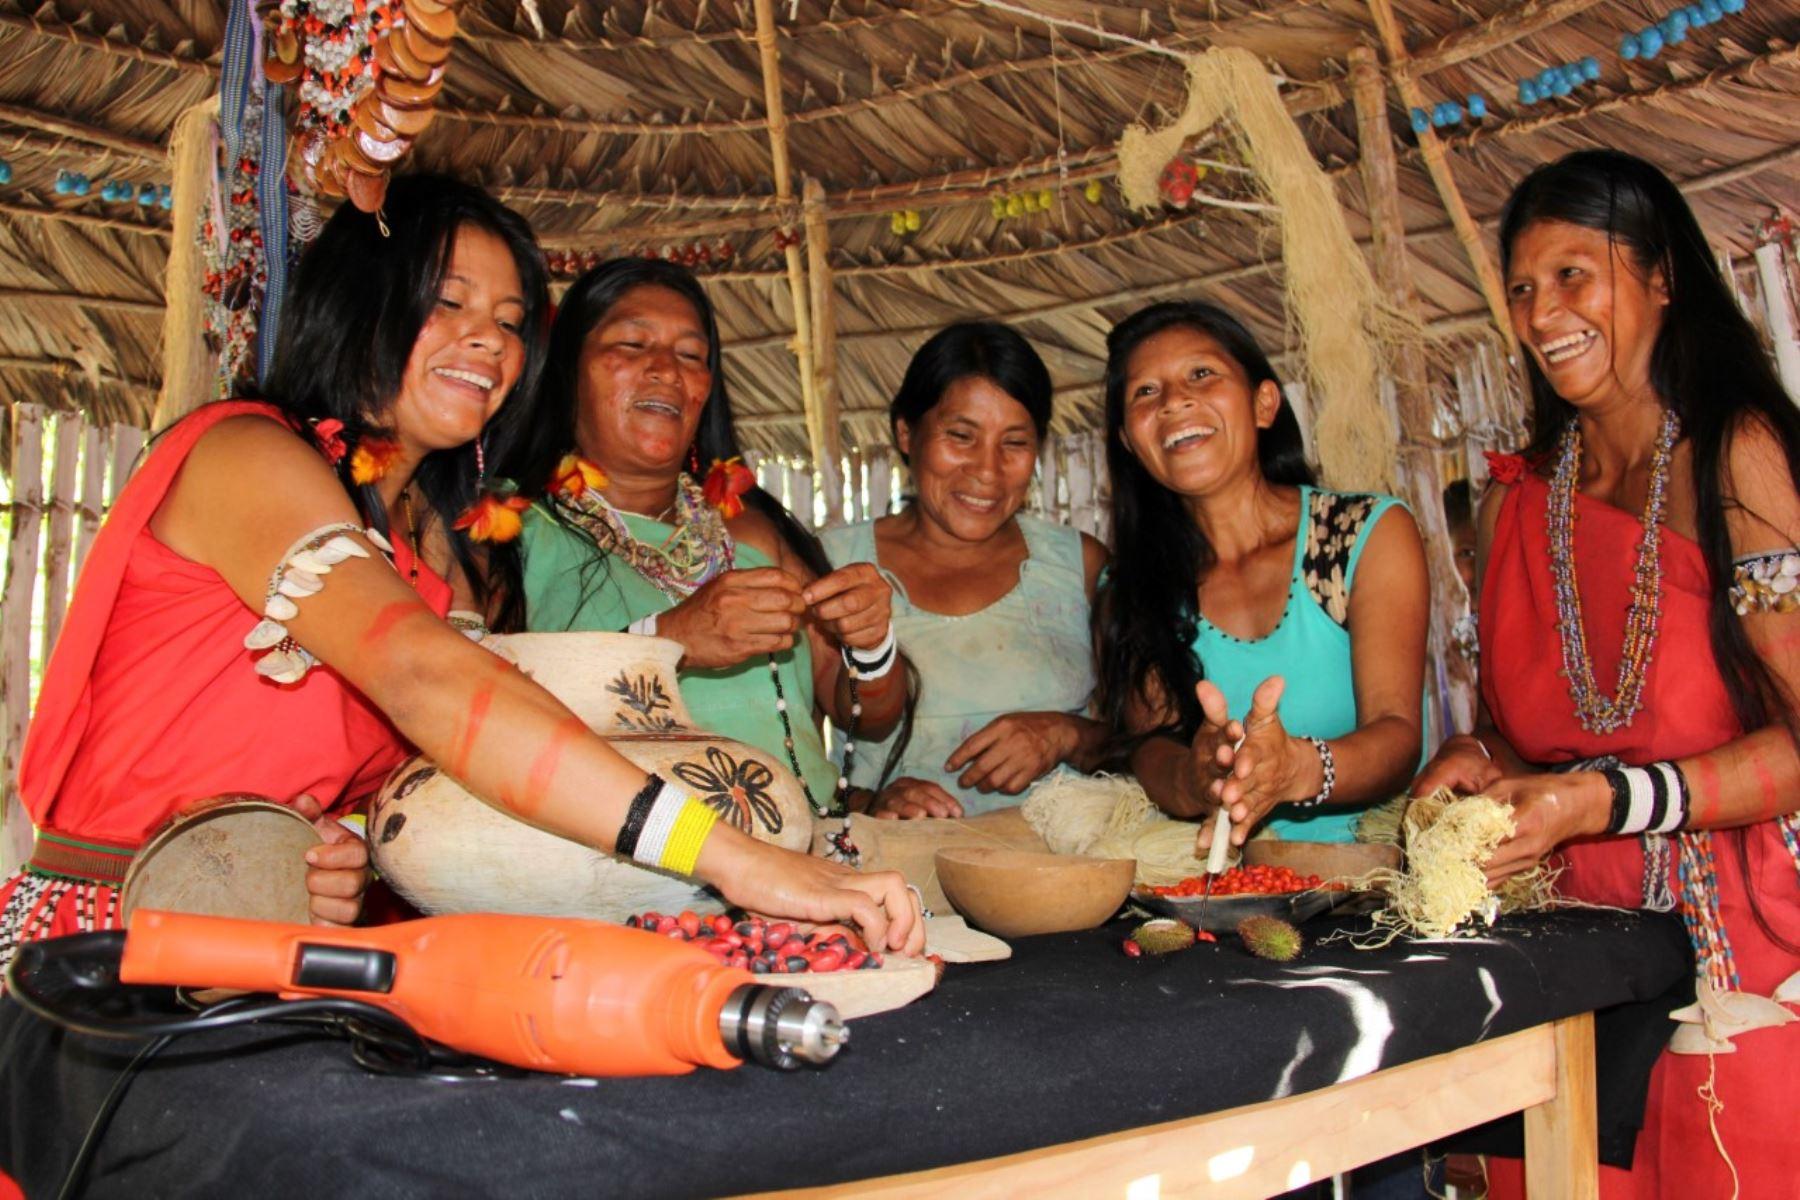 Midis resalta la importancia de proyecto Noa Jayatai-Mujer que empodera a la mujer amazónica, en especial de las comunidades indígenas. ANDINA/Difusión